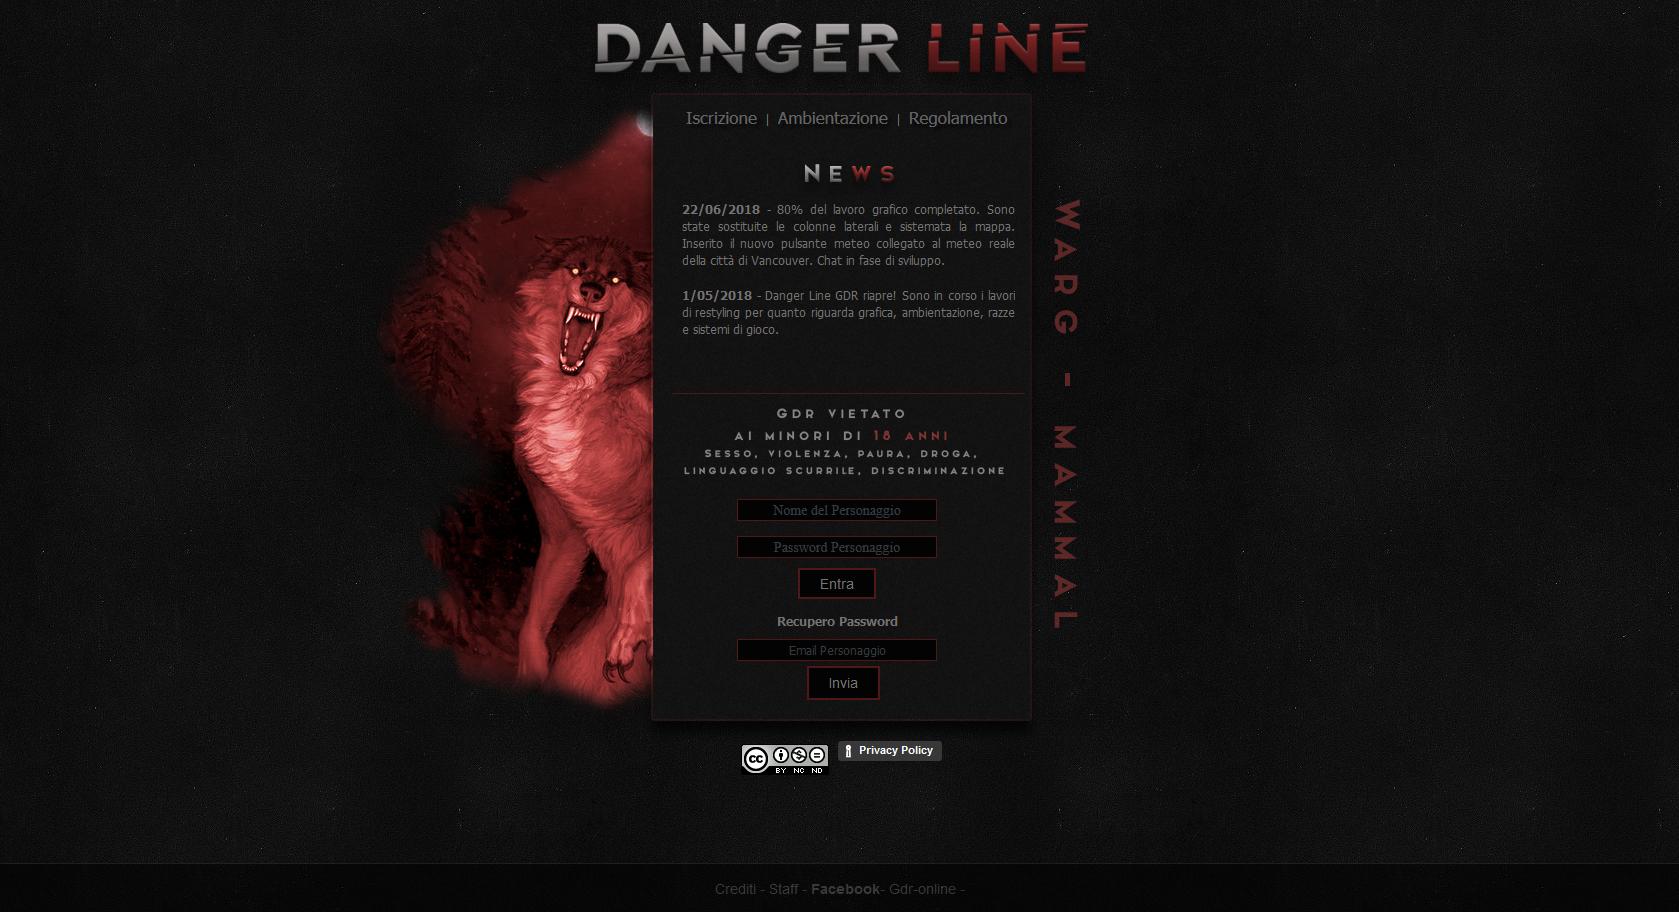 Danger Line GDR